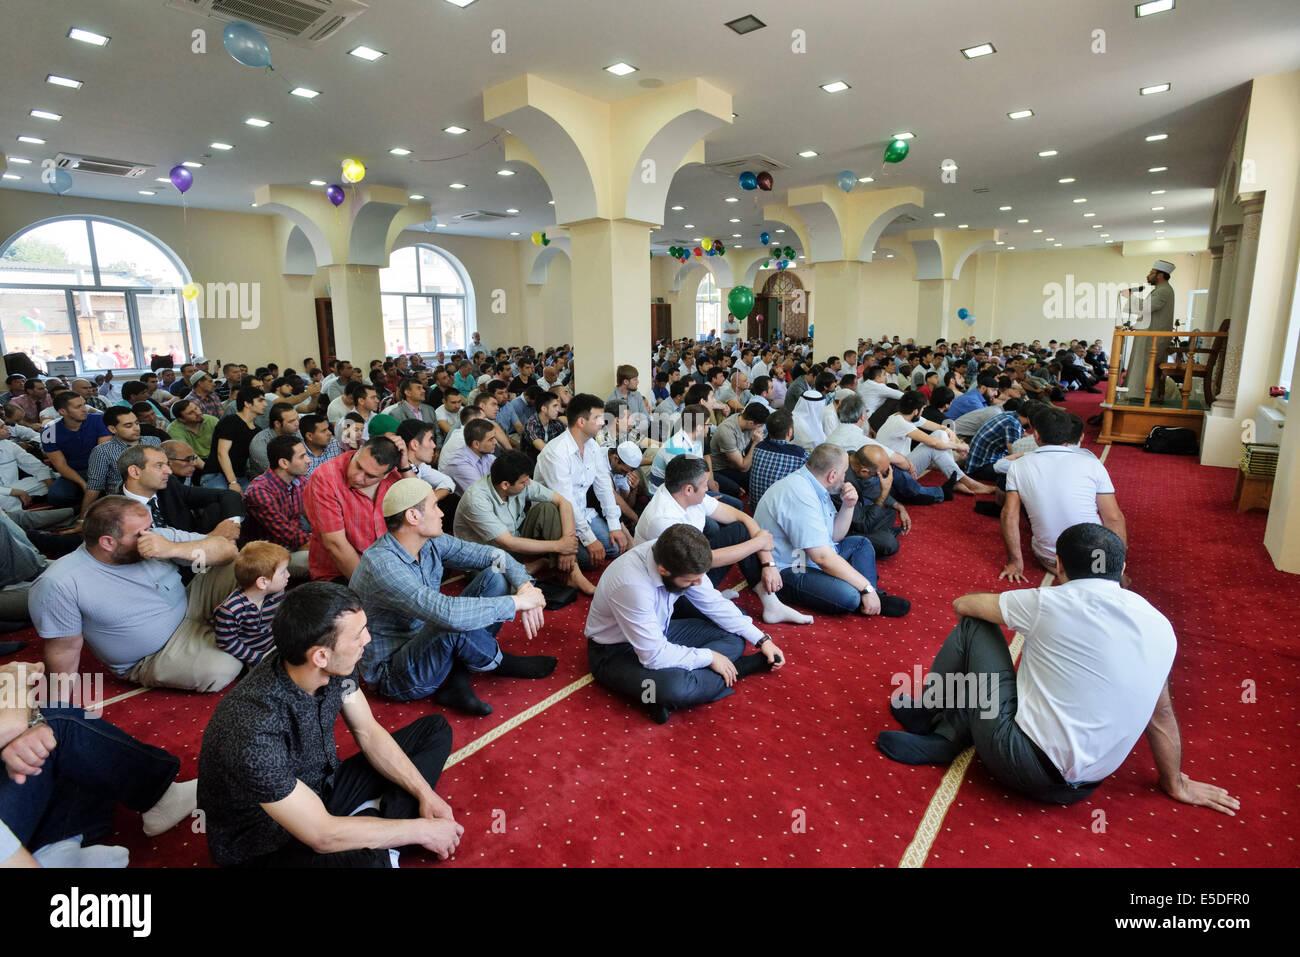 Most Inspiring Celebration Eid Al-Fitr Feast - kiev-ukraine-28th-july-2014-eid-al-fitr-in-kiev-eid-al-fitr-is-feast-E5DFR0  Pic_49737 .jpg